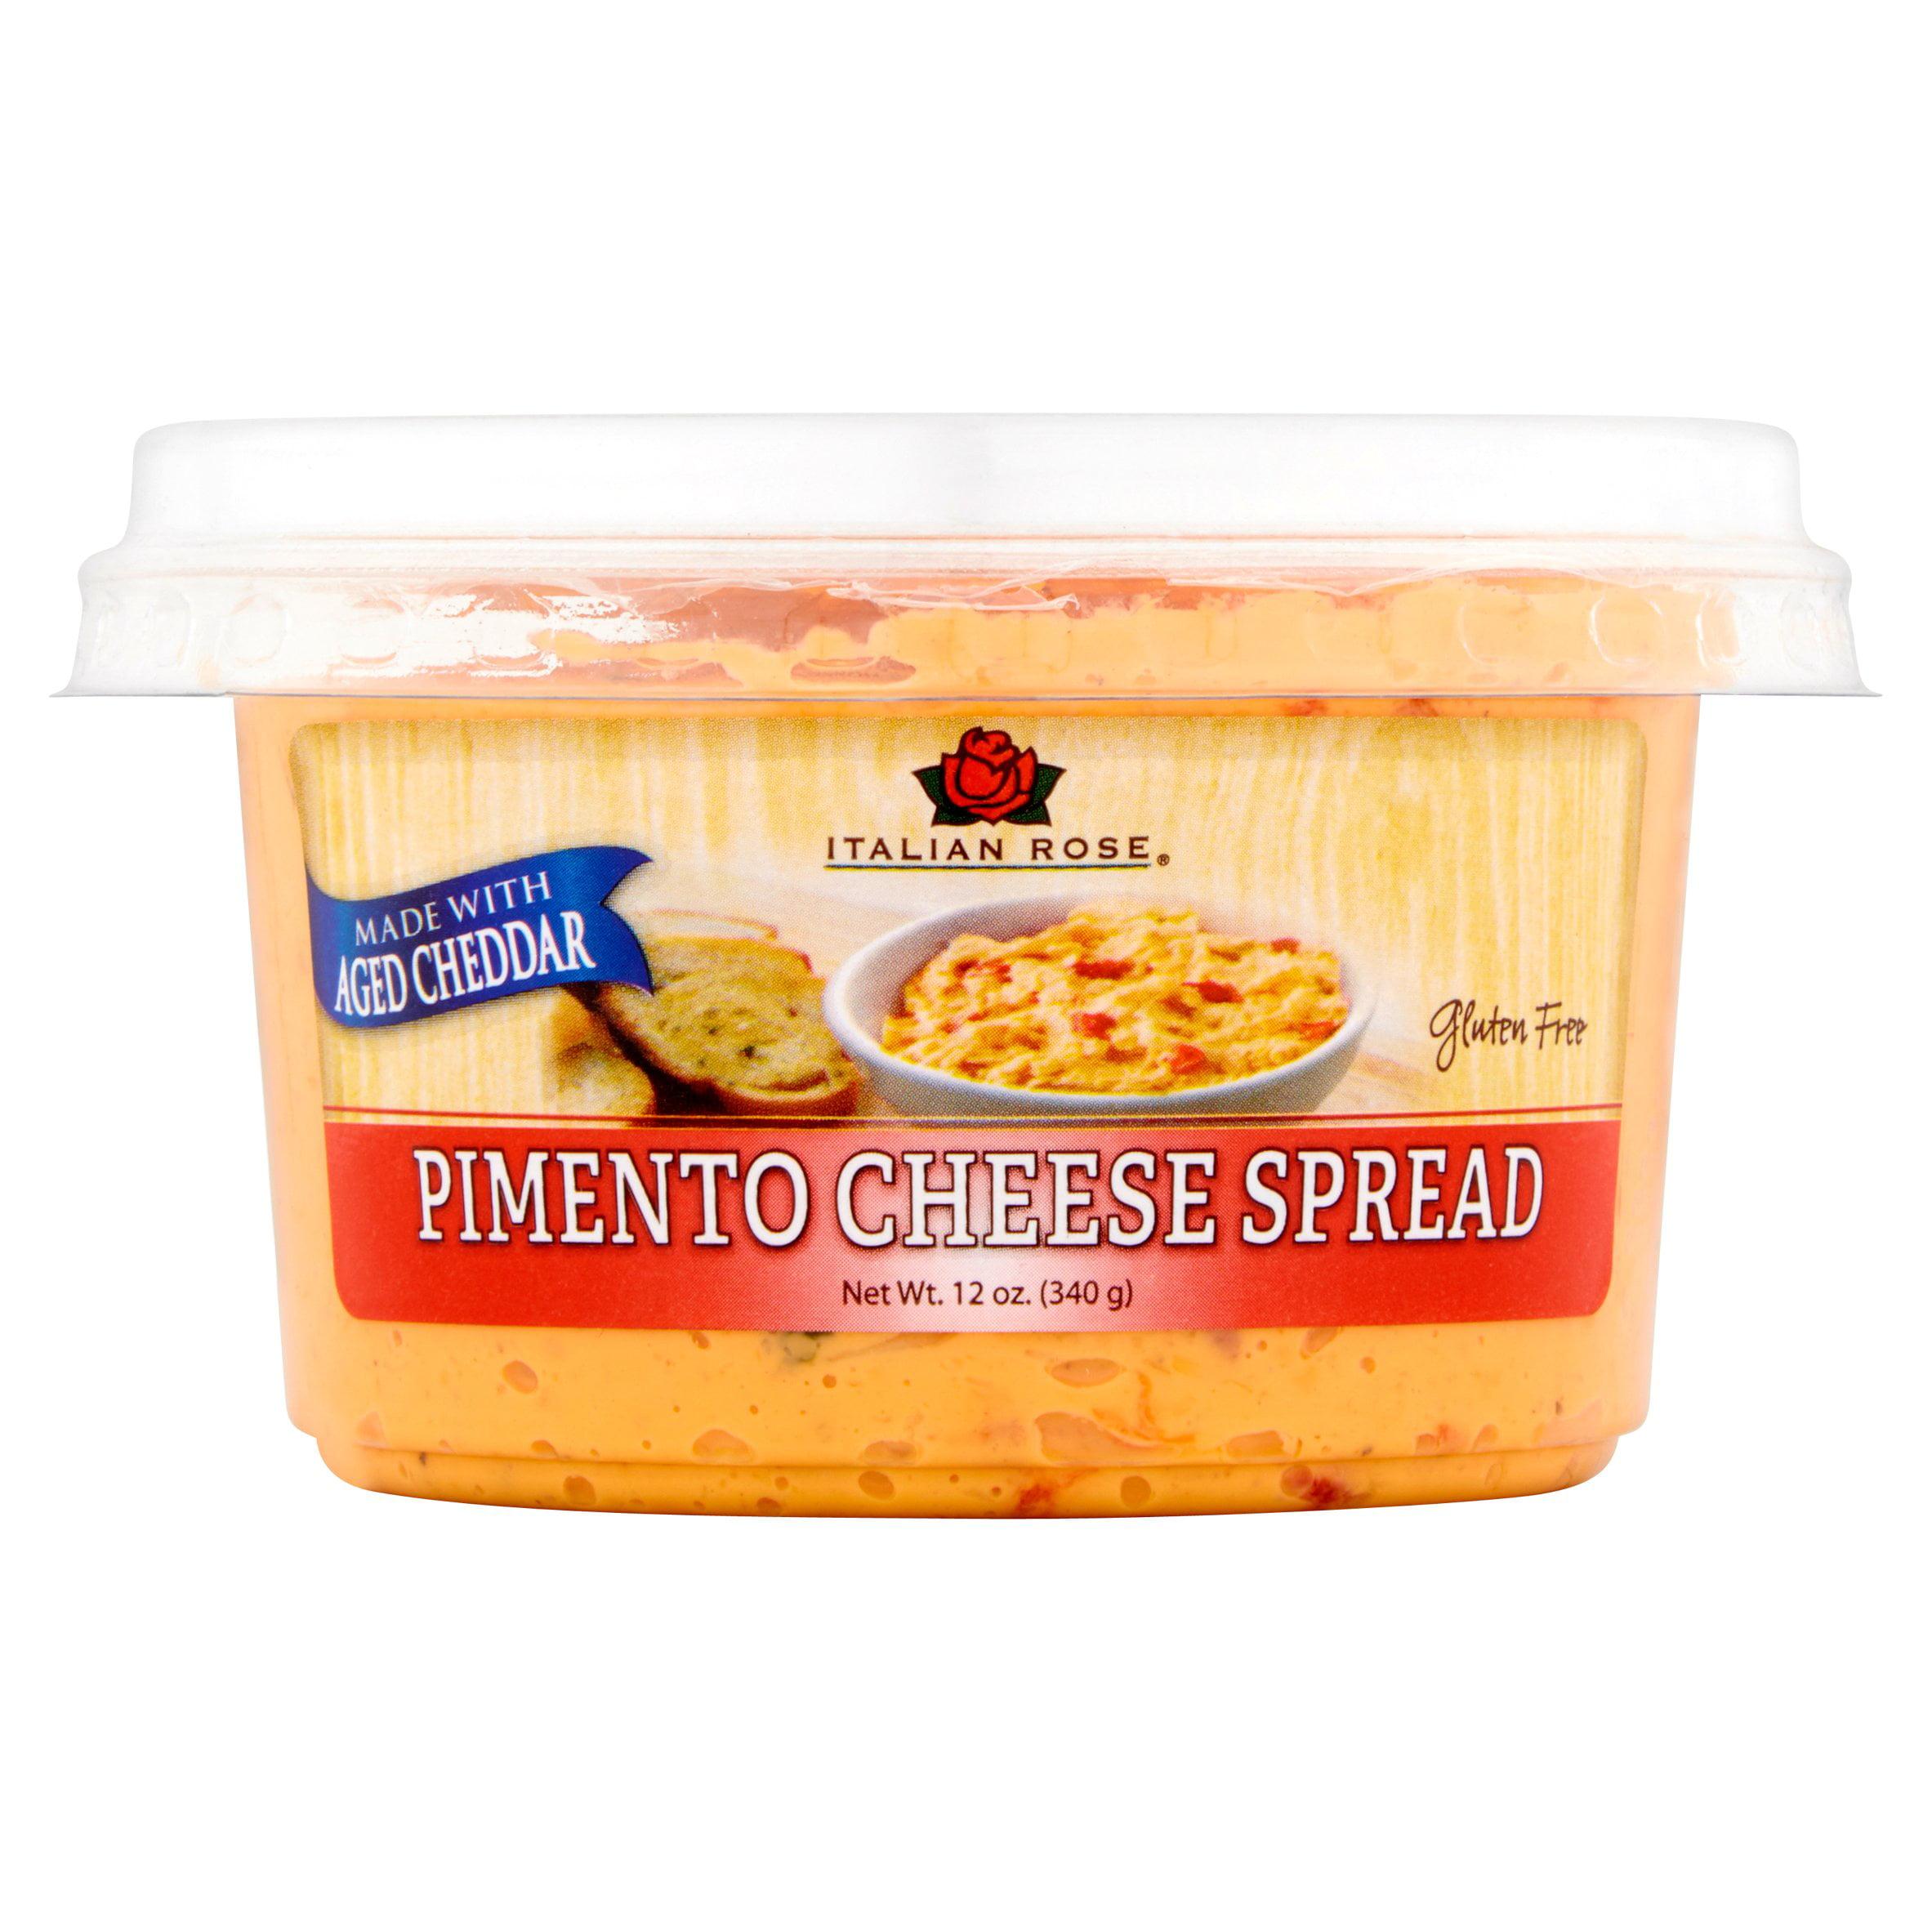 Italian Rose Pimento Cheese Spread, 12 oz